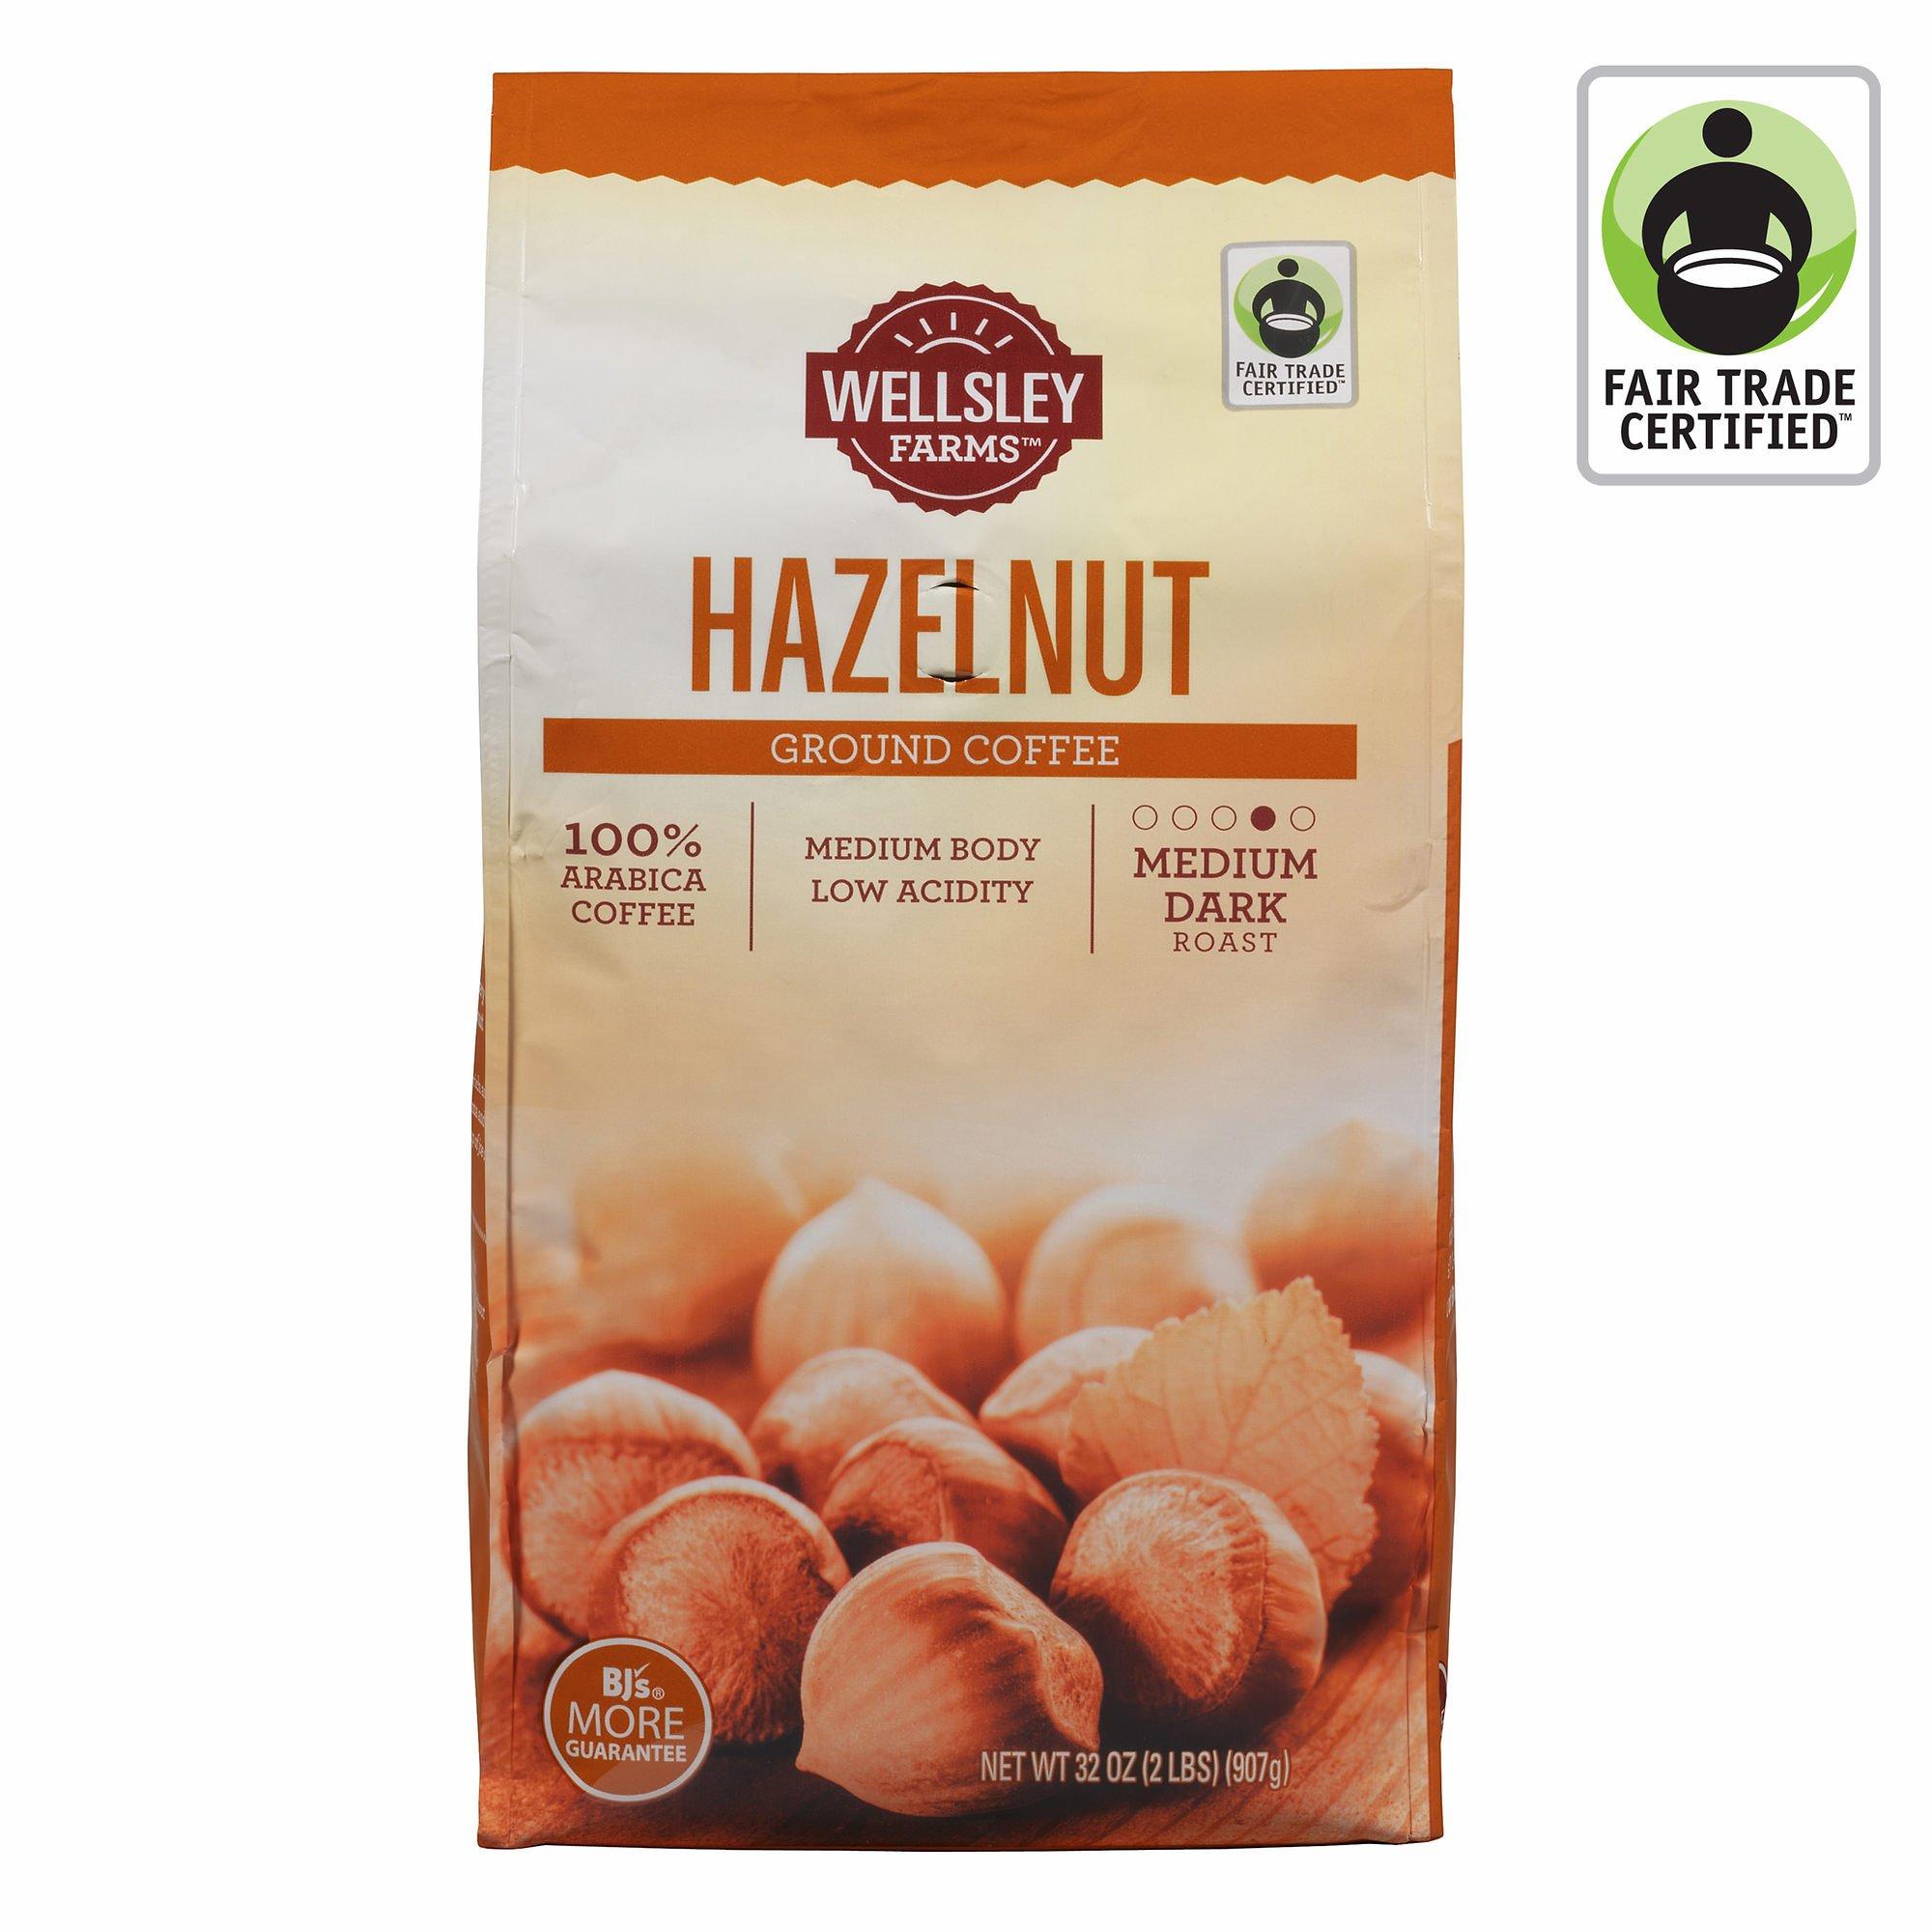 Wellsley Farms Hazelnut Ground Coffee, 32 oz. (pack of 6)